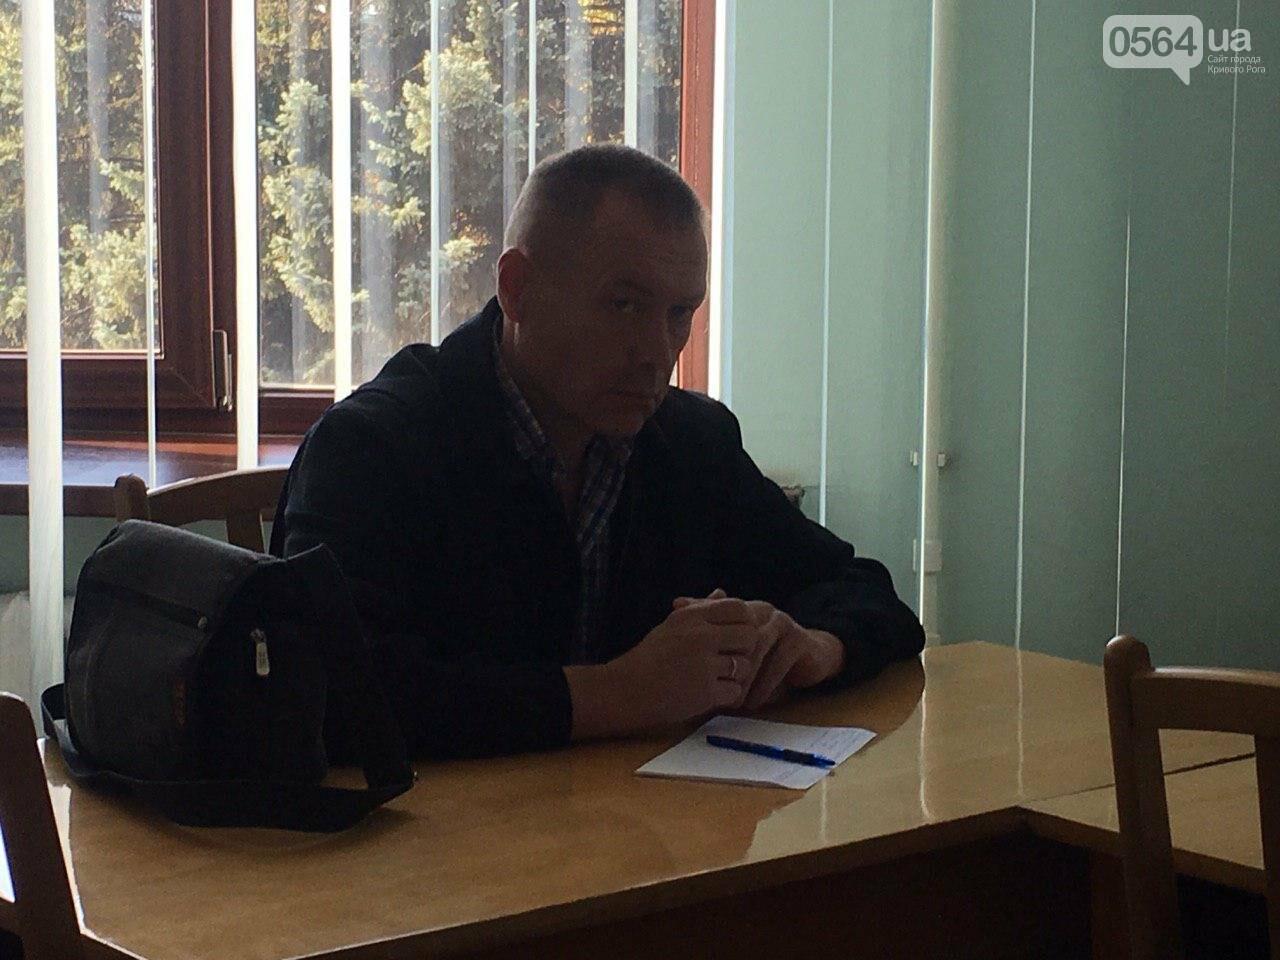 Депутаты Криворожского горсовета обсудили, куда и когда перенесут из зоны обрушения детский сад, - ФОТО , фото-3